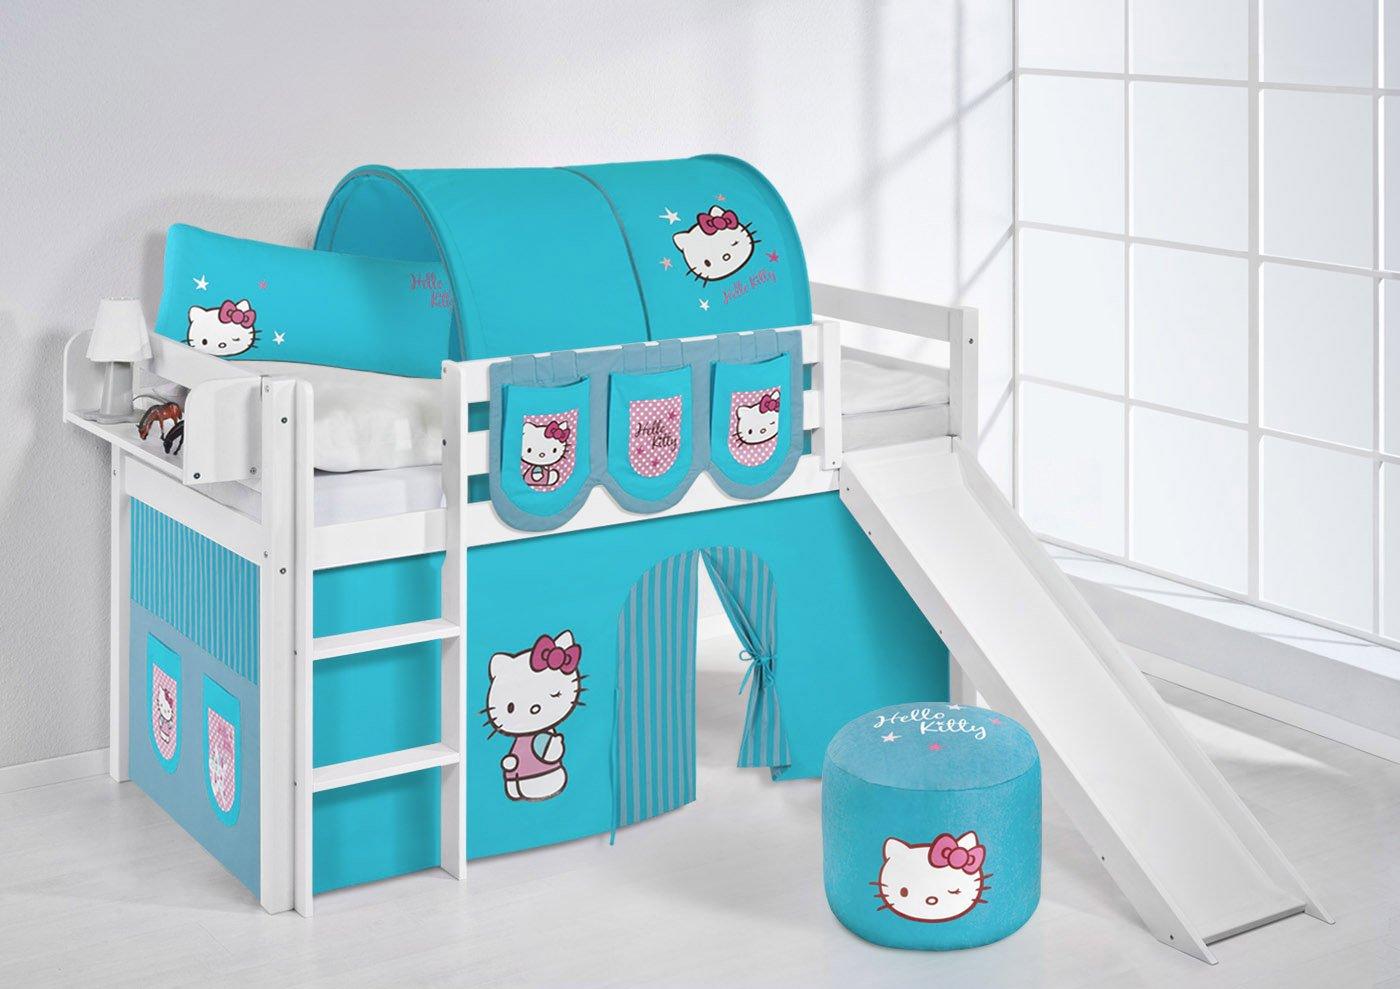 Spielbett JELLE Hello Kitty Türkis Lilokids Hochbett LILOKIDS Weiß mit Rutsche und Vorhang kiefer günstig bestellen